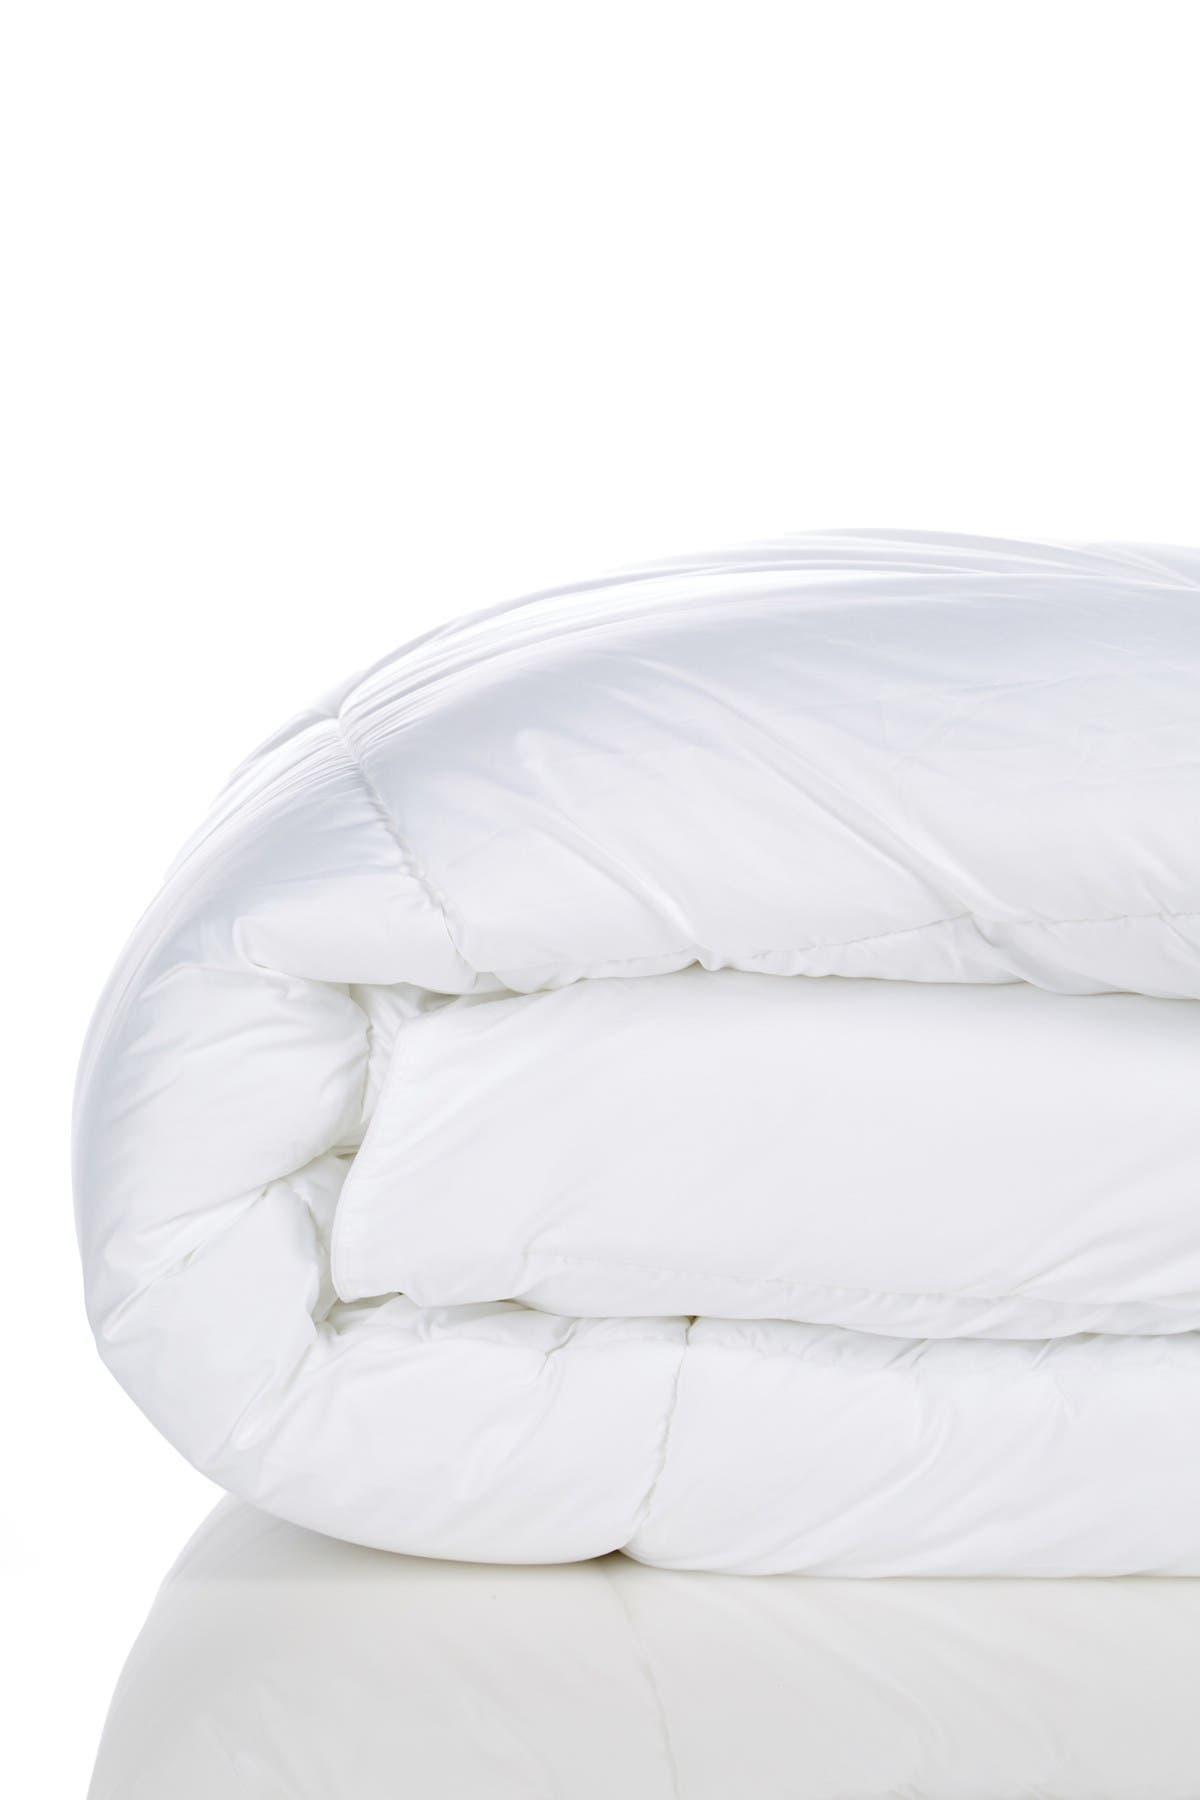 King Down Alternative Comforter White